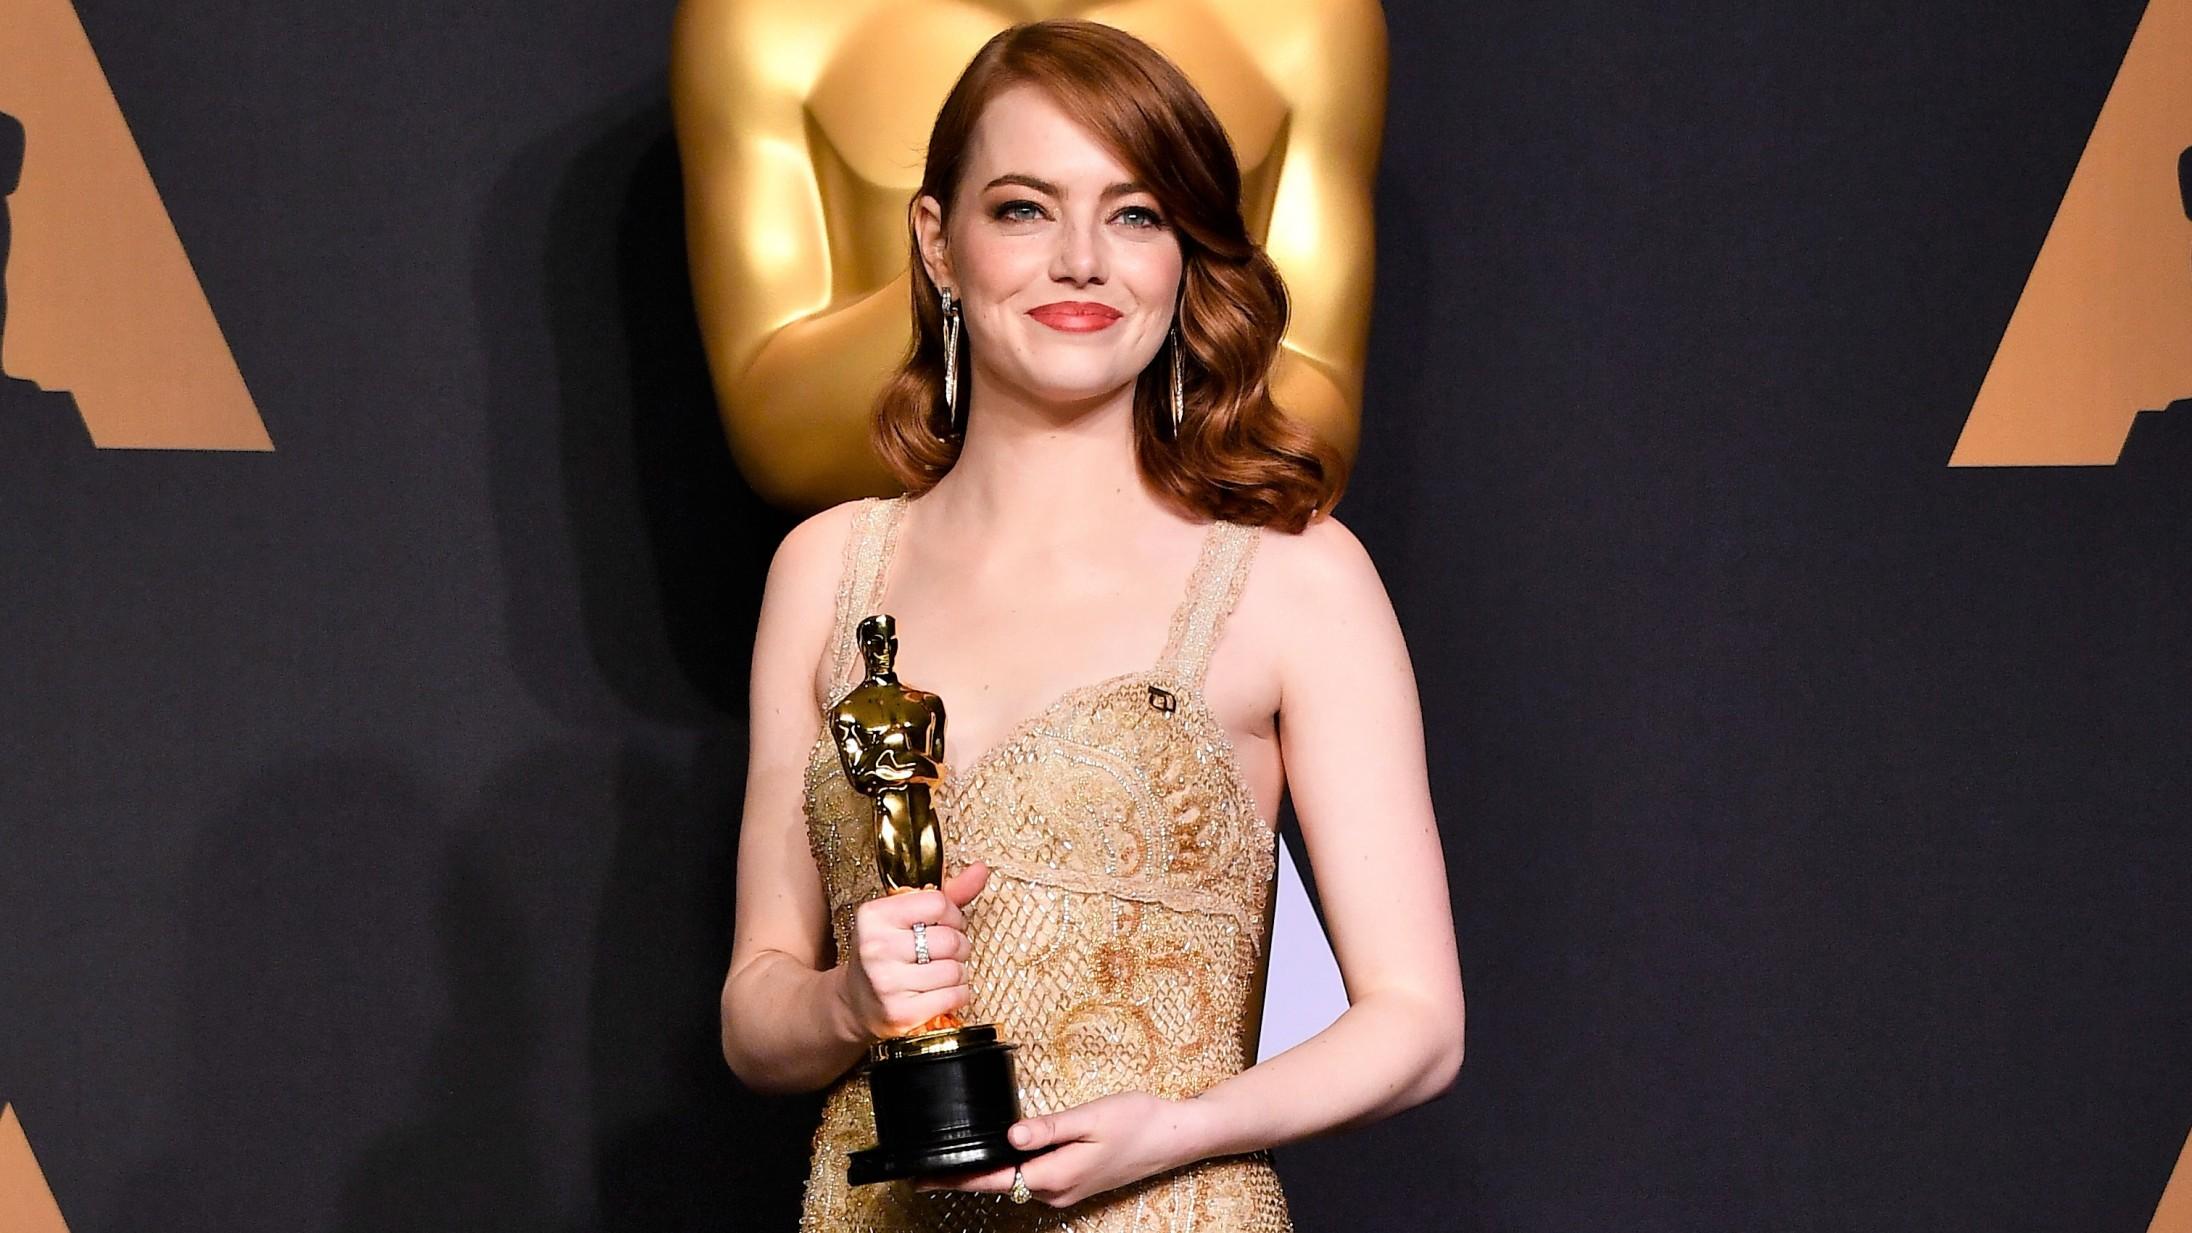 De 12 største Oscar-skuespillere i 2010'erne